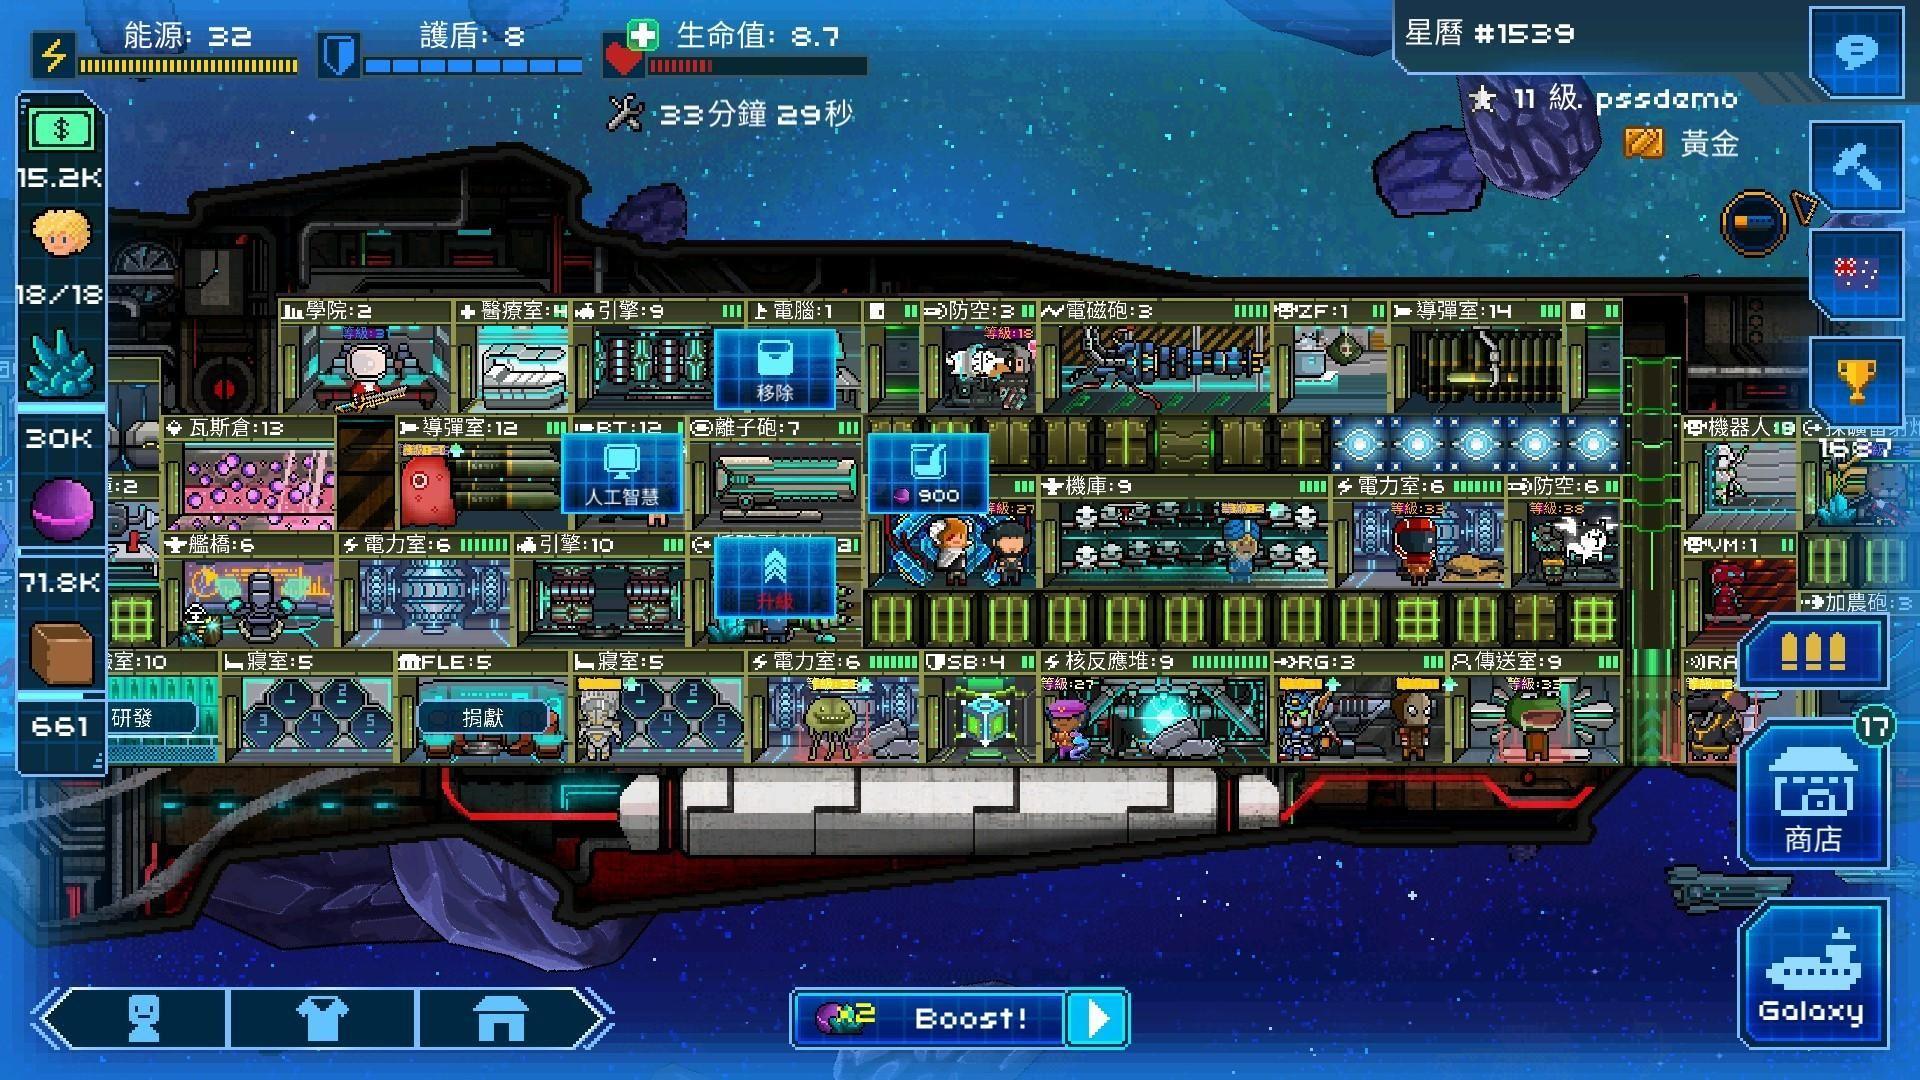 像素星舰™ Pixel Starships™: Hyperspace 游戏截图5